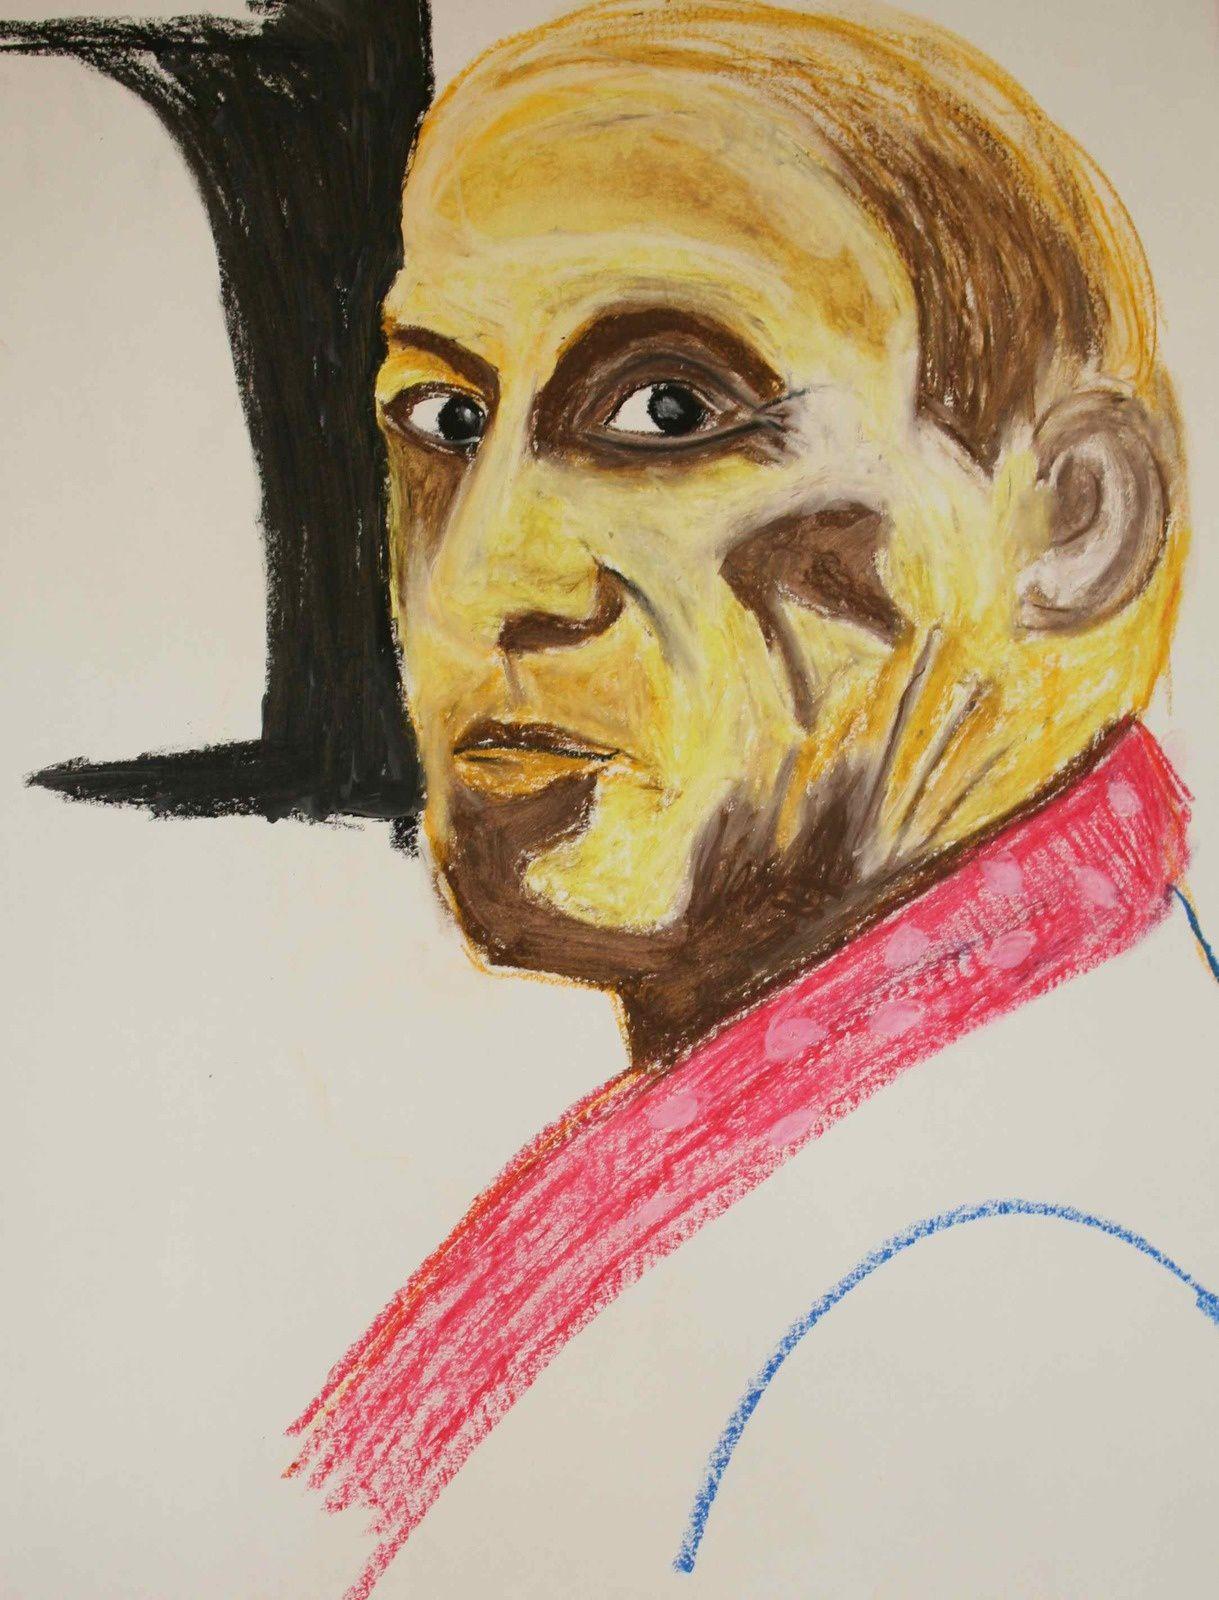 Cliquer sur la photo pour accéder au diaporama : recherche autour de Picasso